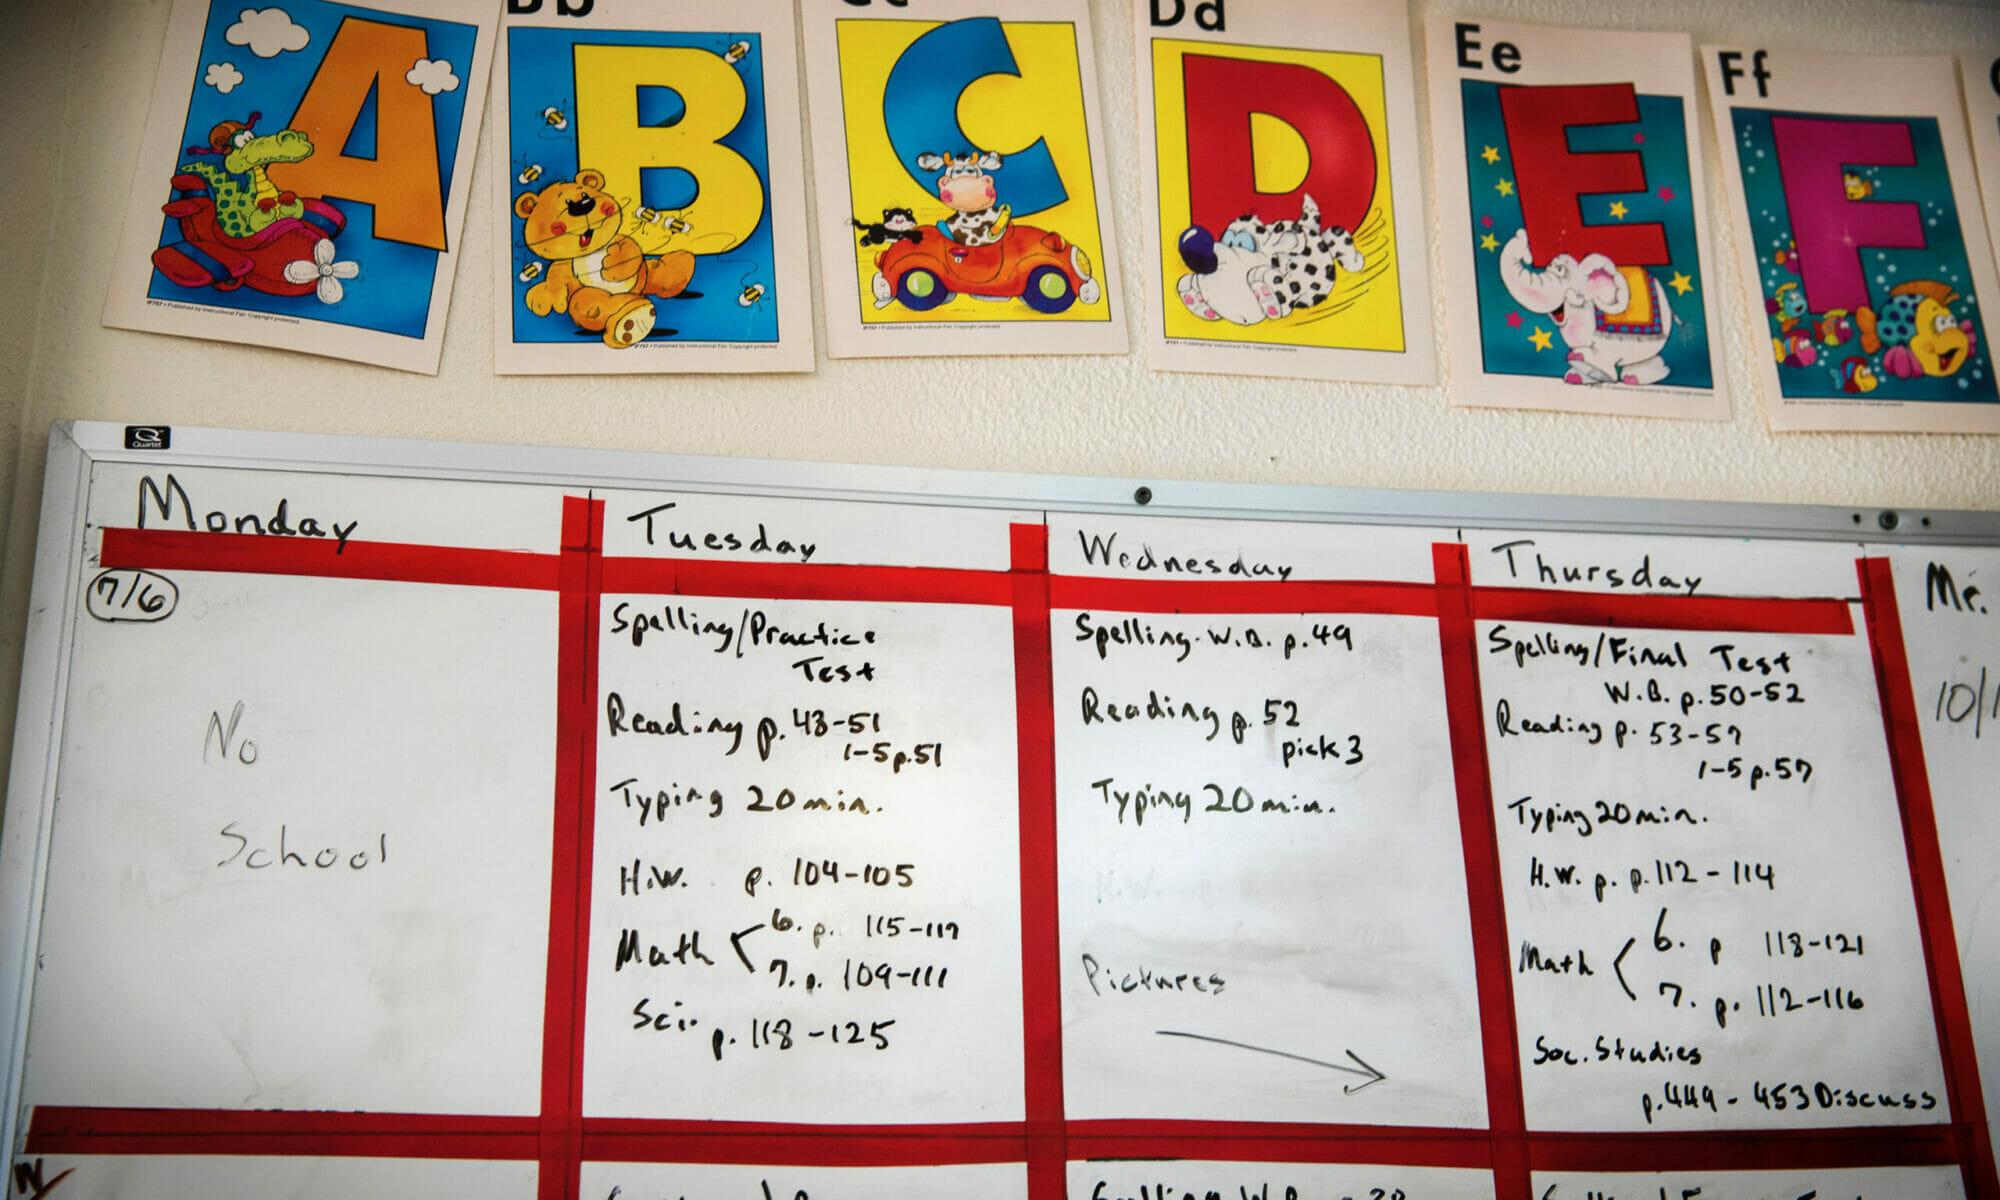 Whiteboard in a rural school